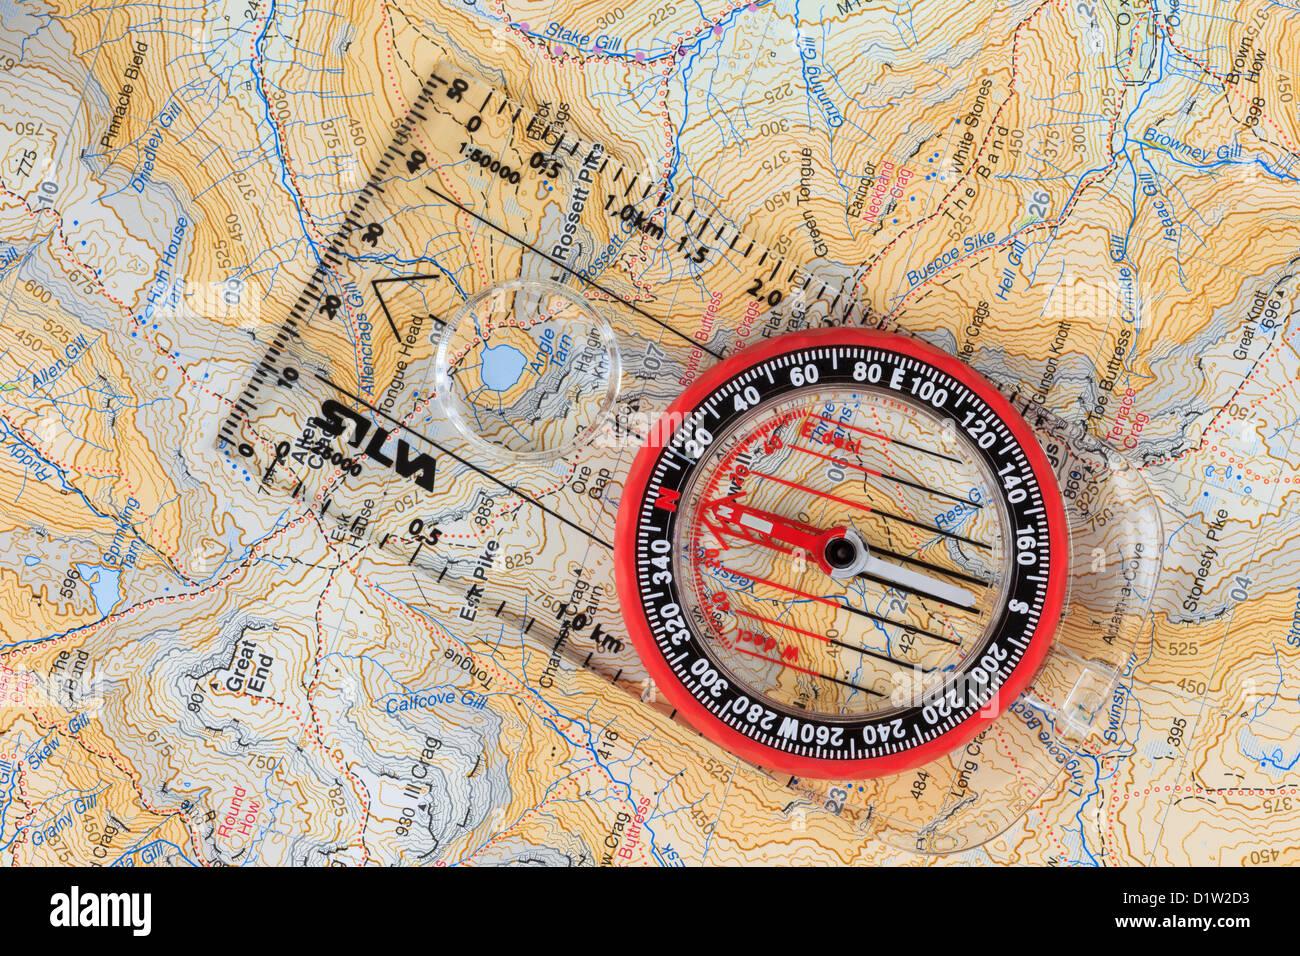 Bussola di navigazione verso nord con le linee della griglia in un'Harvey's 1:40000 passeggiate ed escursioni Immagini Stock